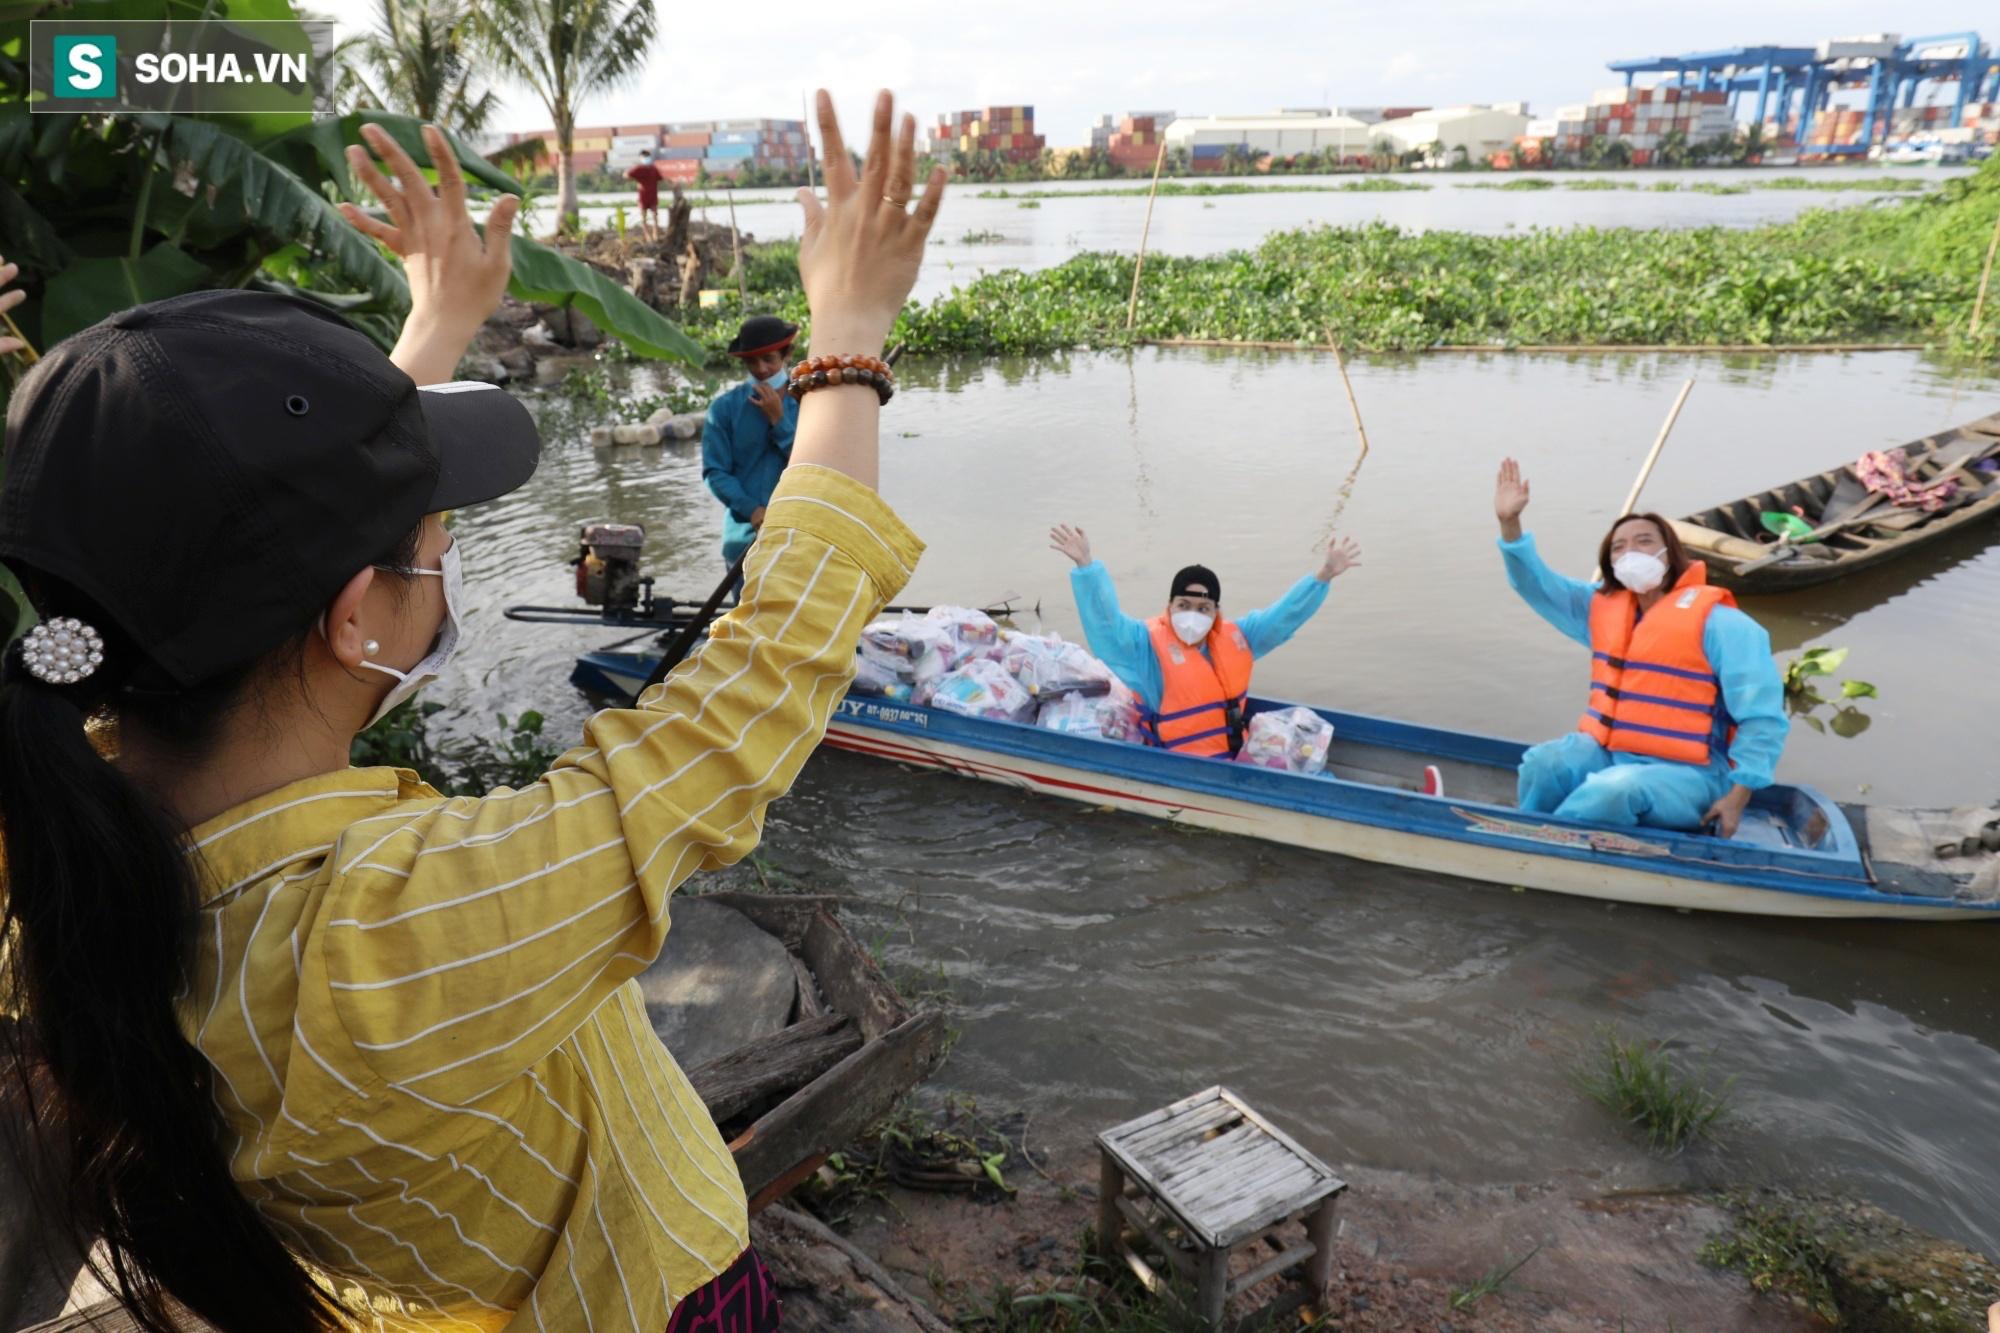 Việt Hương: Hôm nay chị xấu hơn, đen đi nhưng chị đang sống một cuộc đời rất ý nghĩa - Ảnh 11.